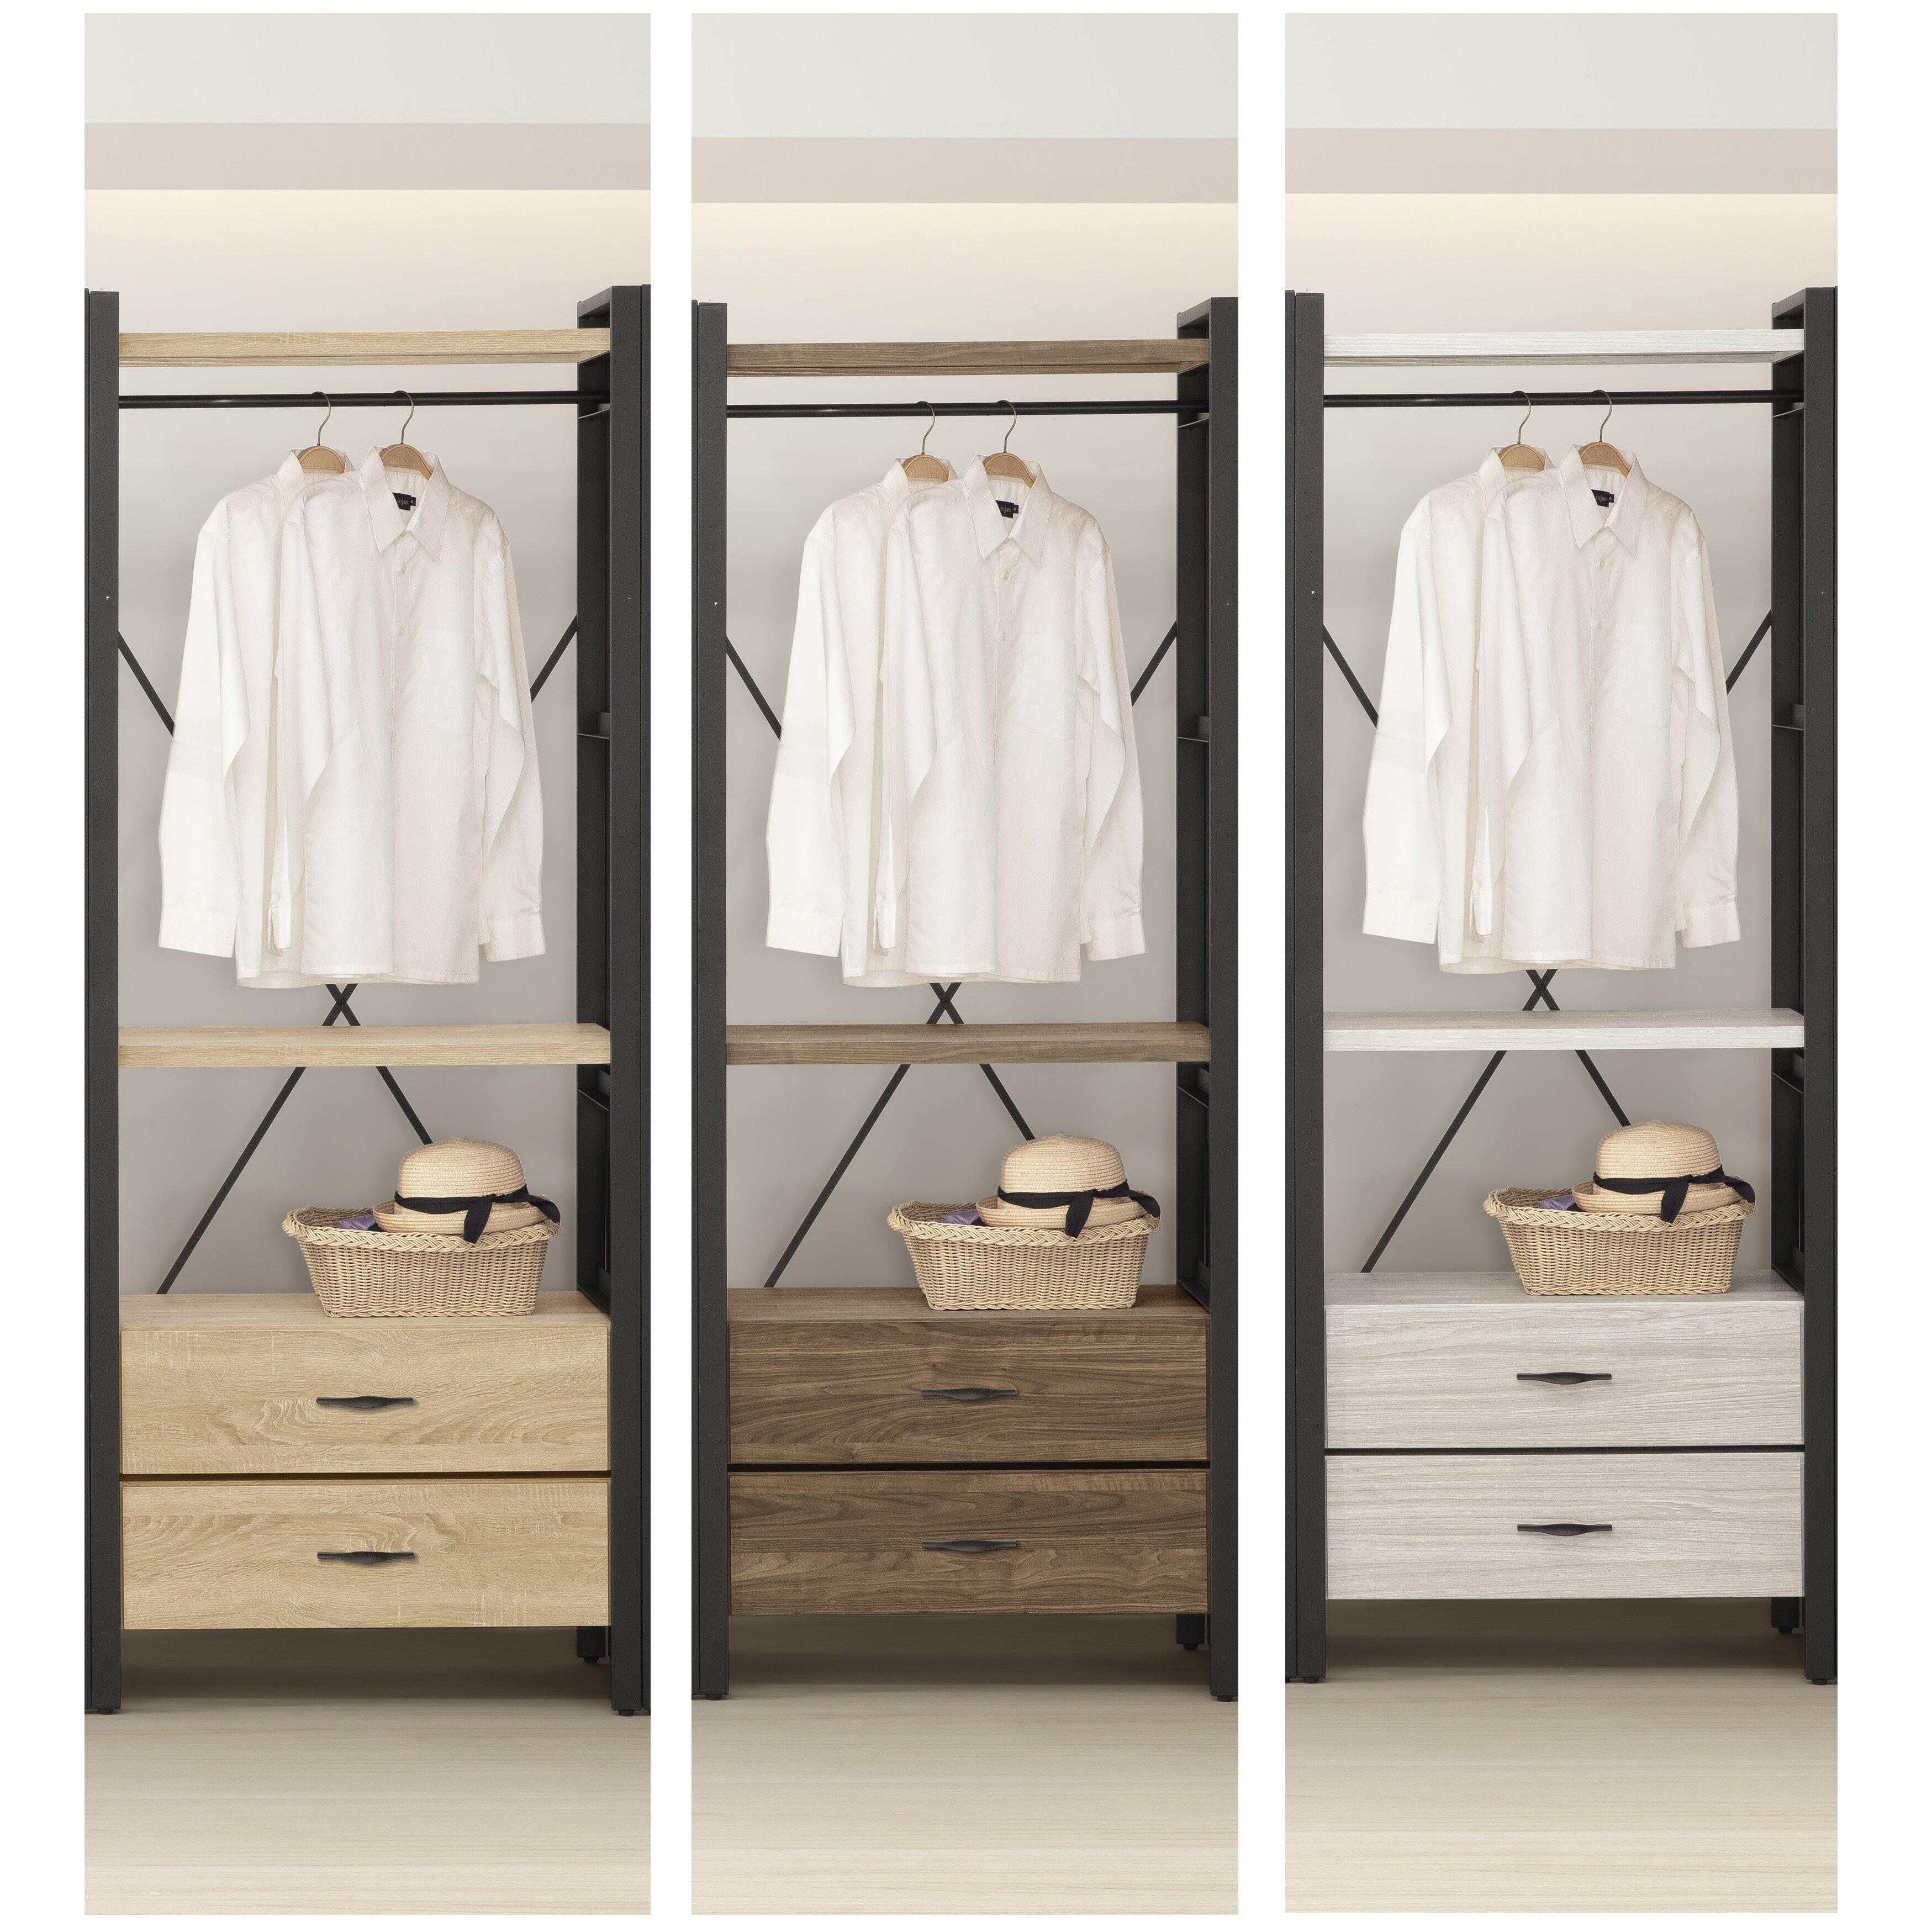 【DIY】輕工業風組合衣櫃 鐵架衣櫥 收納層架 開放式衣櫥 組合式衣櫃 2抽屜 三色 樂天雙11購物節